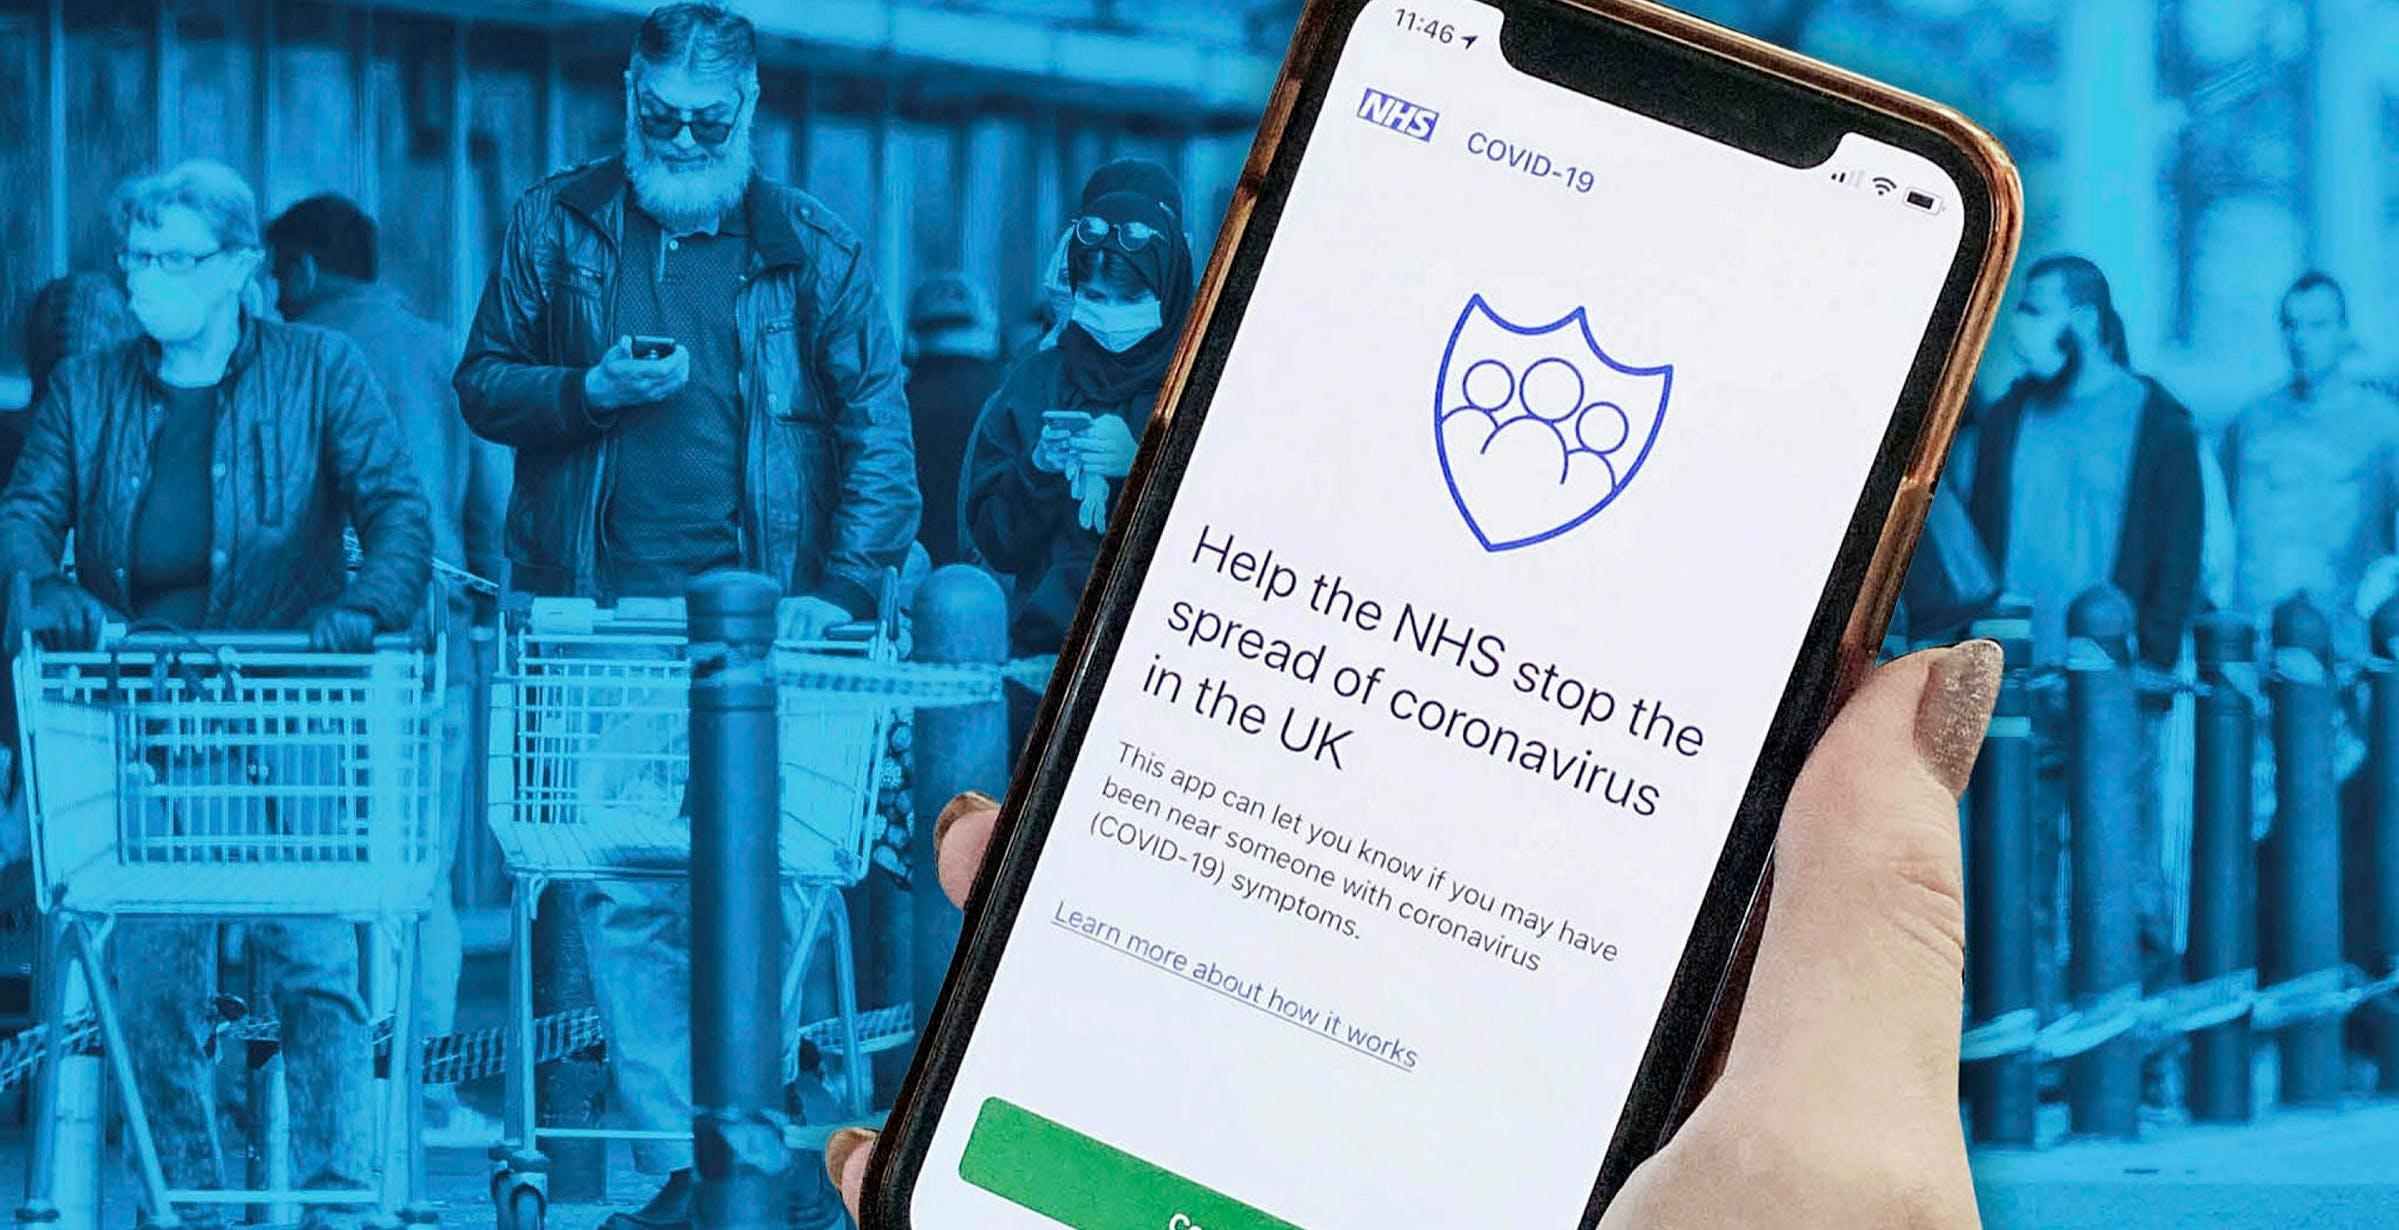 L'app di contact tracing inglese ha prevenuto 600.000 contagi e dimostra che anche Immuni sarebbe utile. Se venisse usata